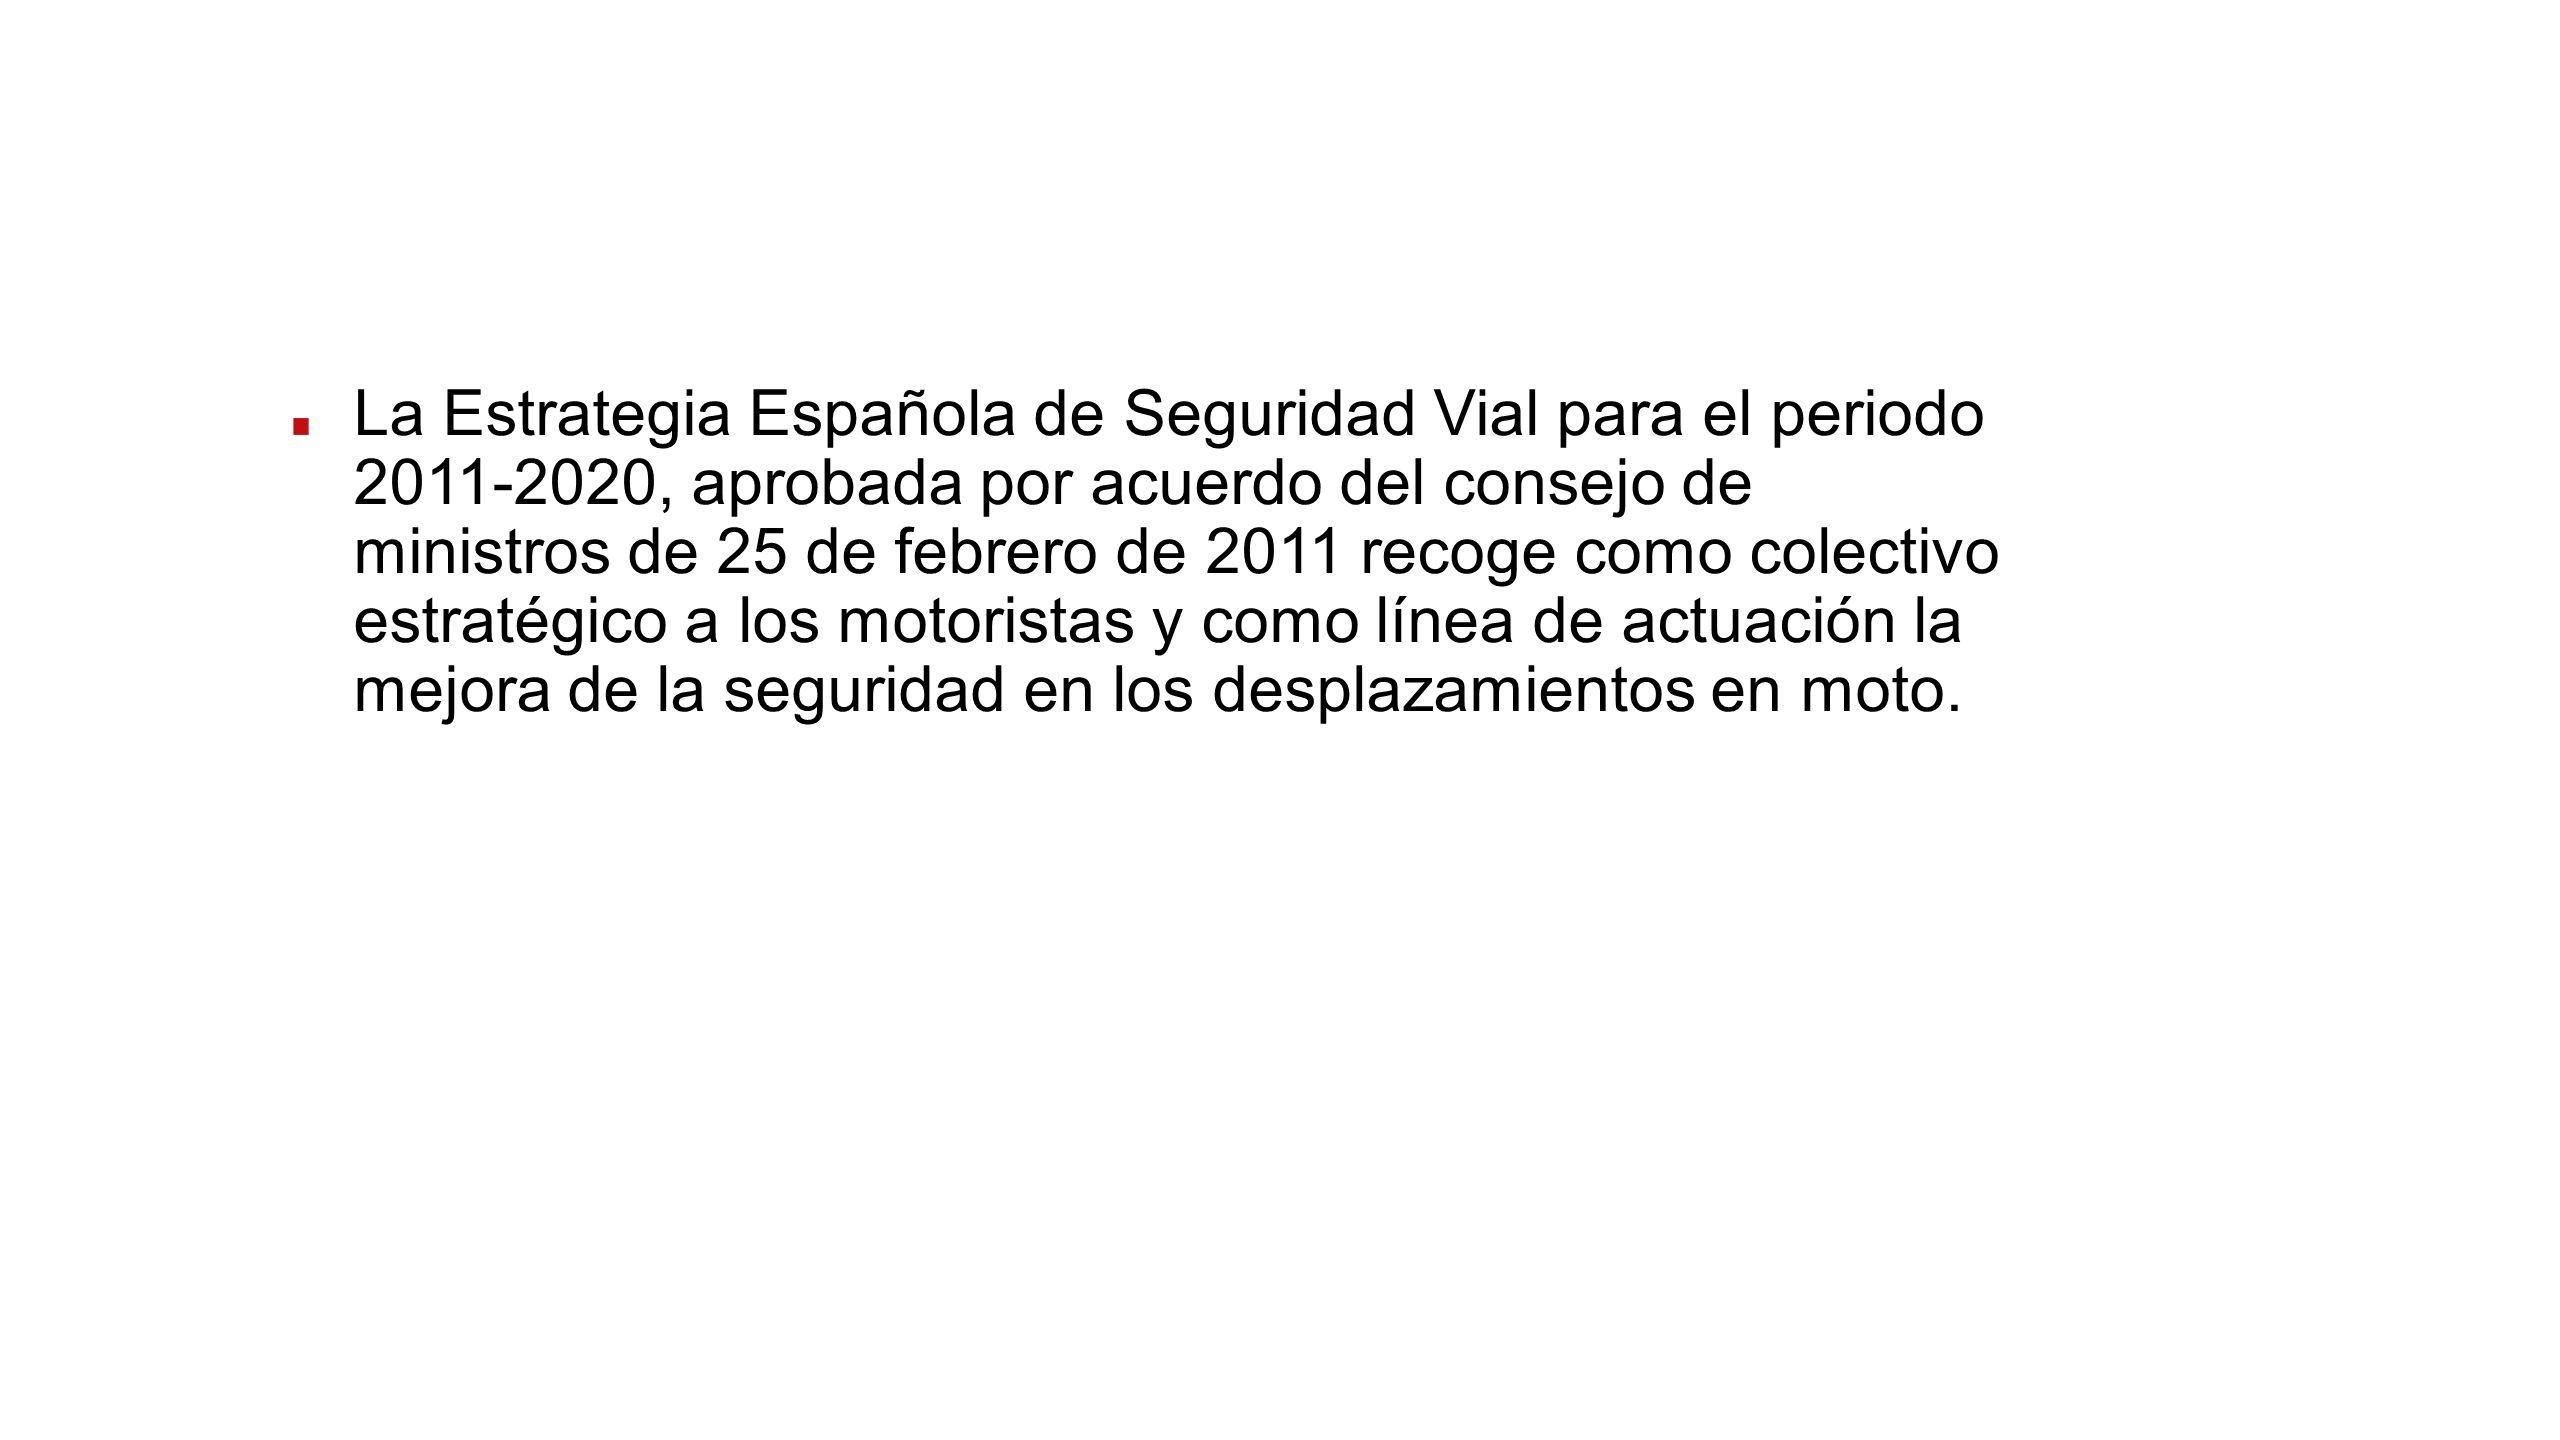 La Estrategia Española de Seguridad Vial para el periodo 2011-2020, aprobada por acuerdo del consejo de ministros de 25 de febrero de 2011 recoge como